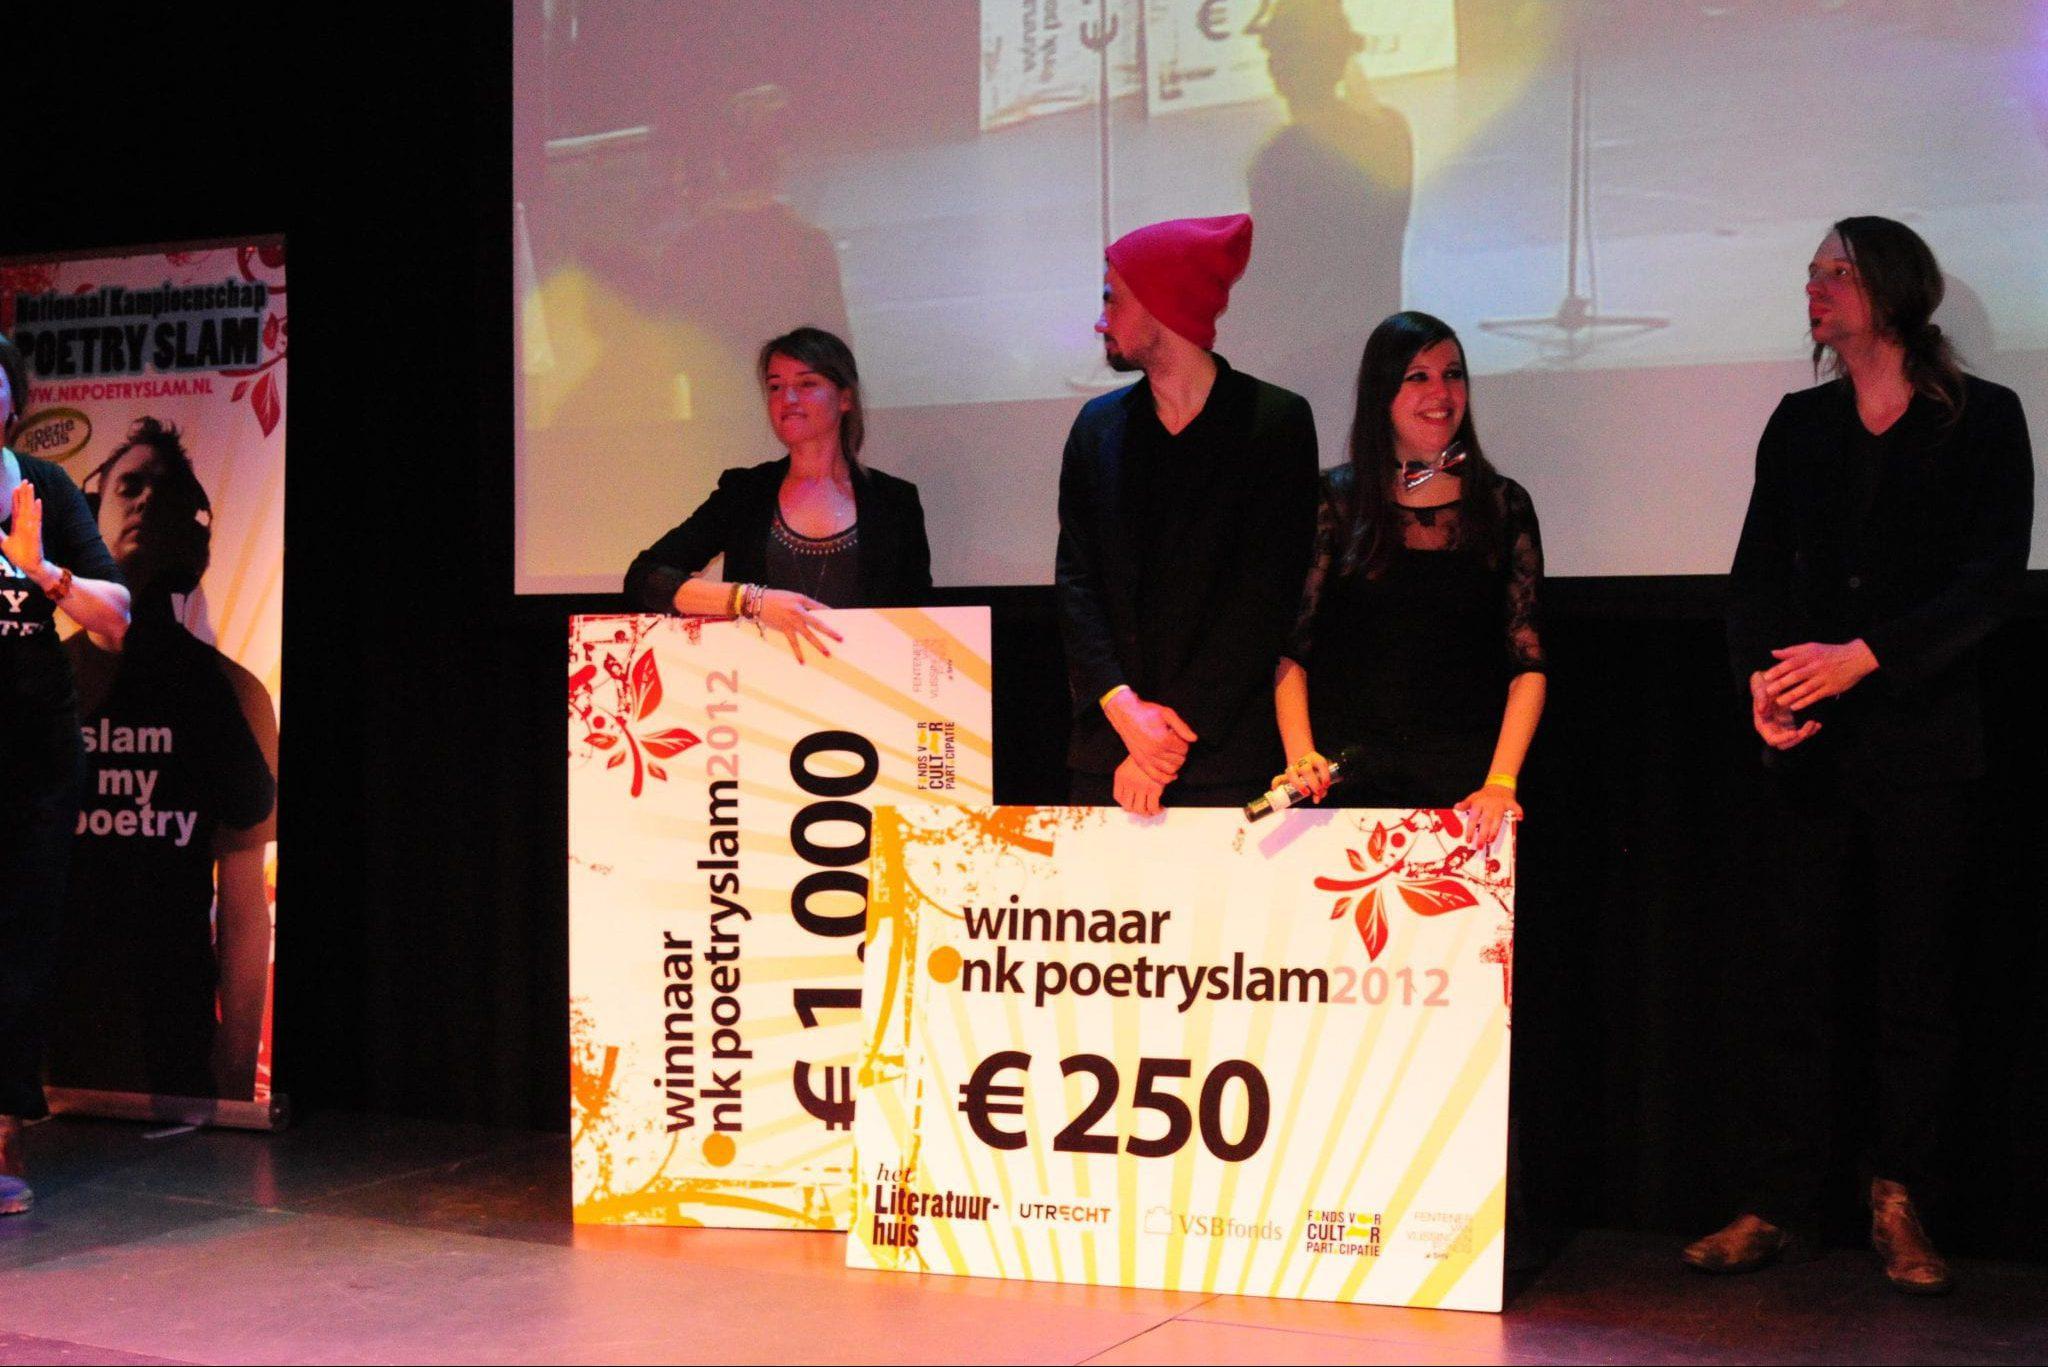 2012: Laura van der Haar